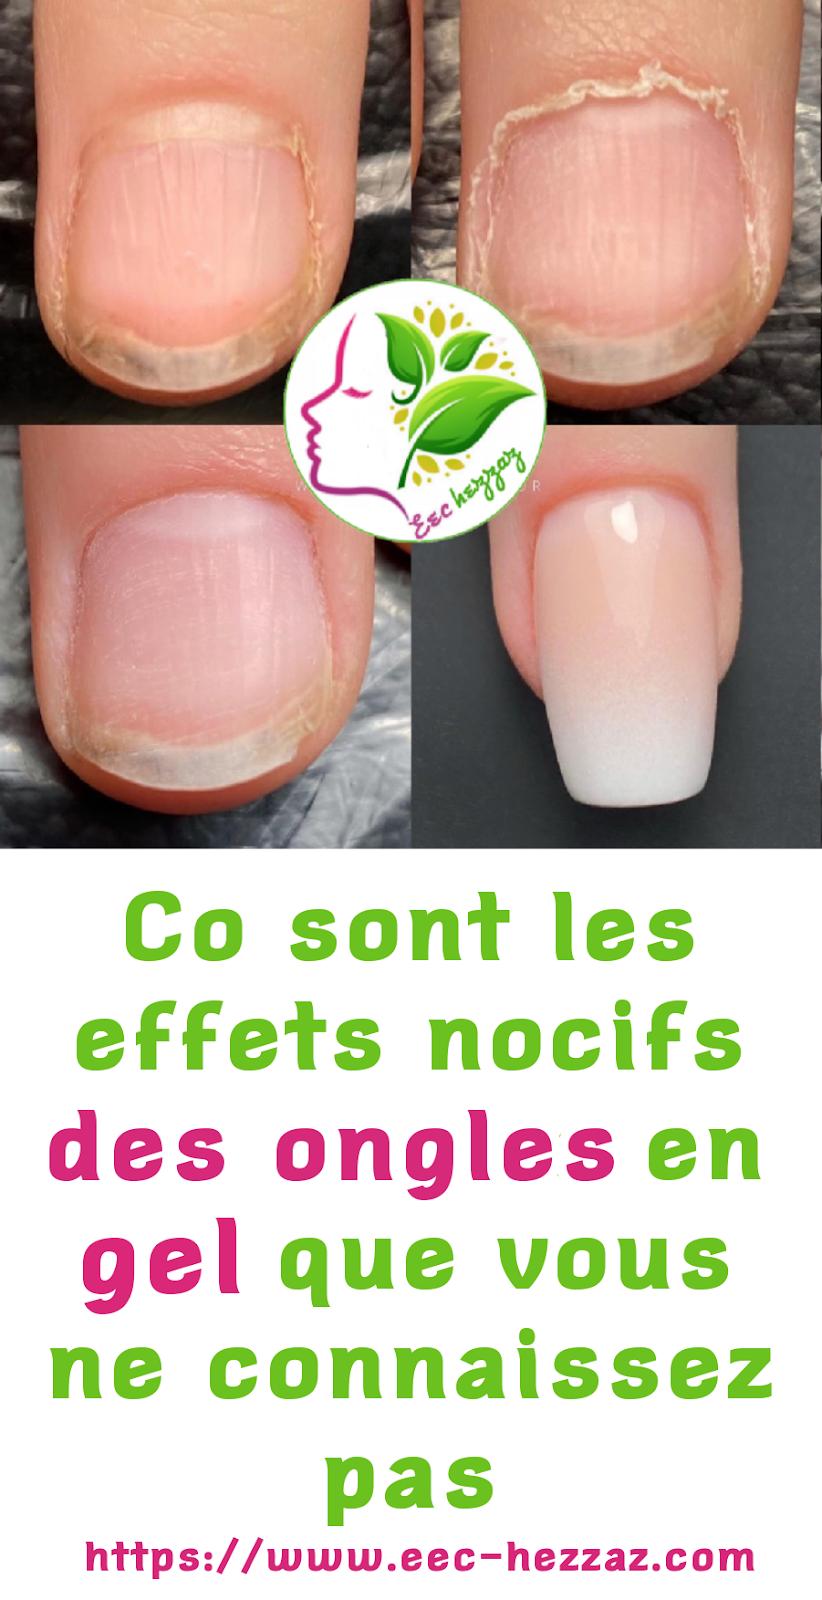 Co sont les effets nocifs des ongles en gel que vous ne connaissez pas